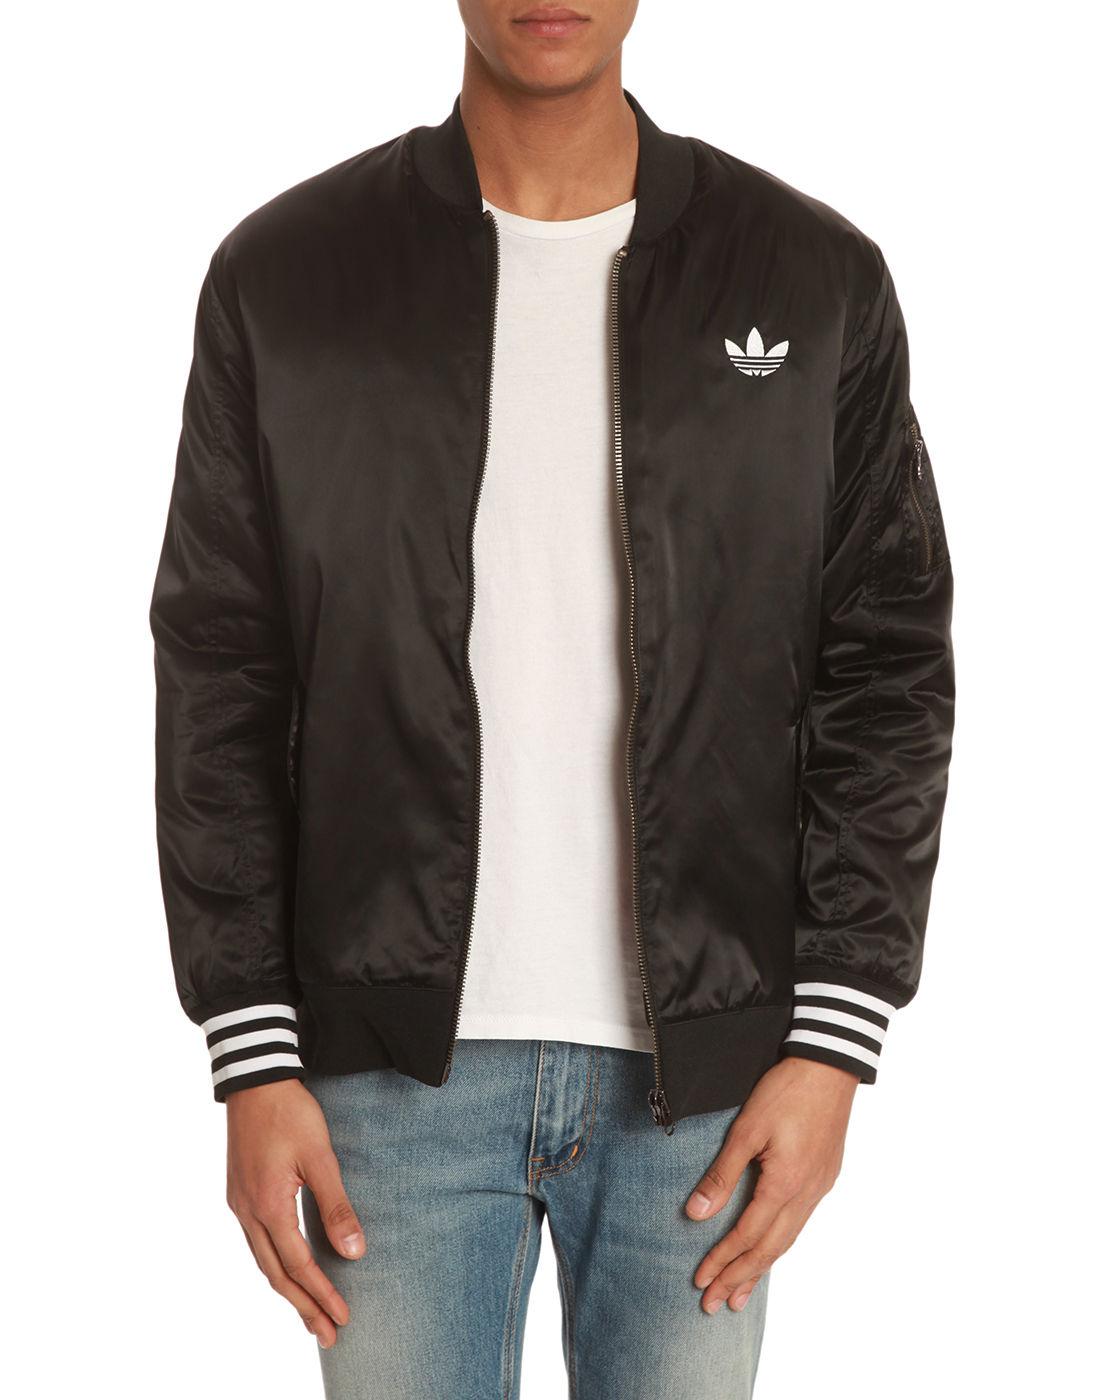 Adidas Black Nylon Bomber Jacket In Black For Men Lyst